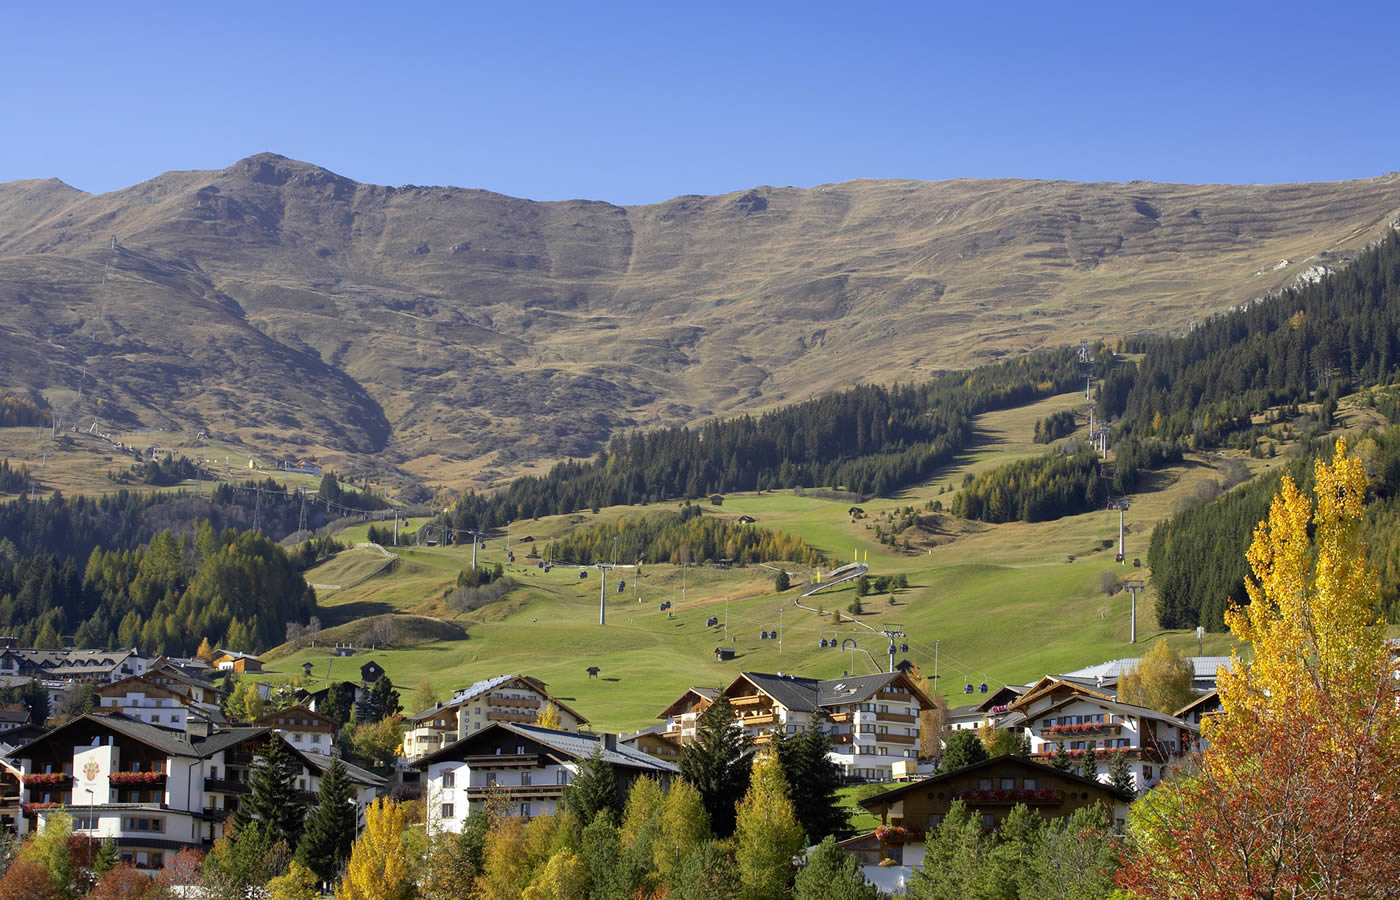 Ansicht Fiss in Tirol - Sommer-Ferien in Österreich.